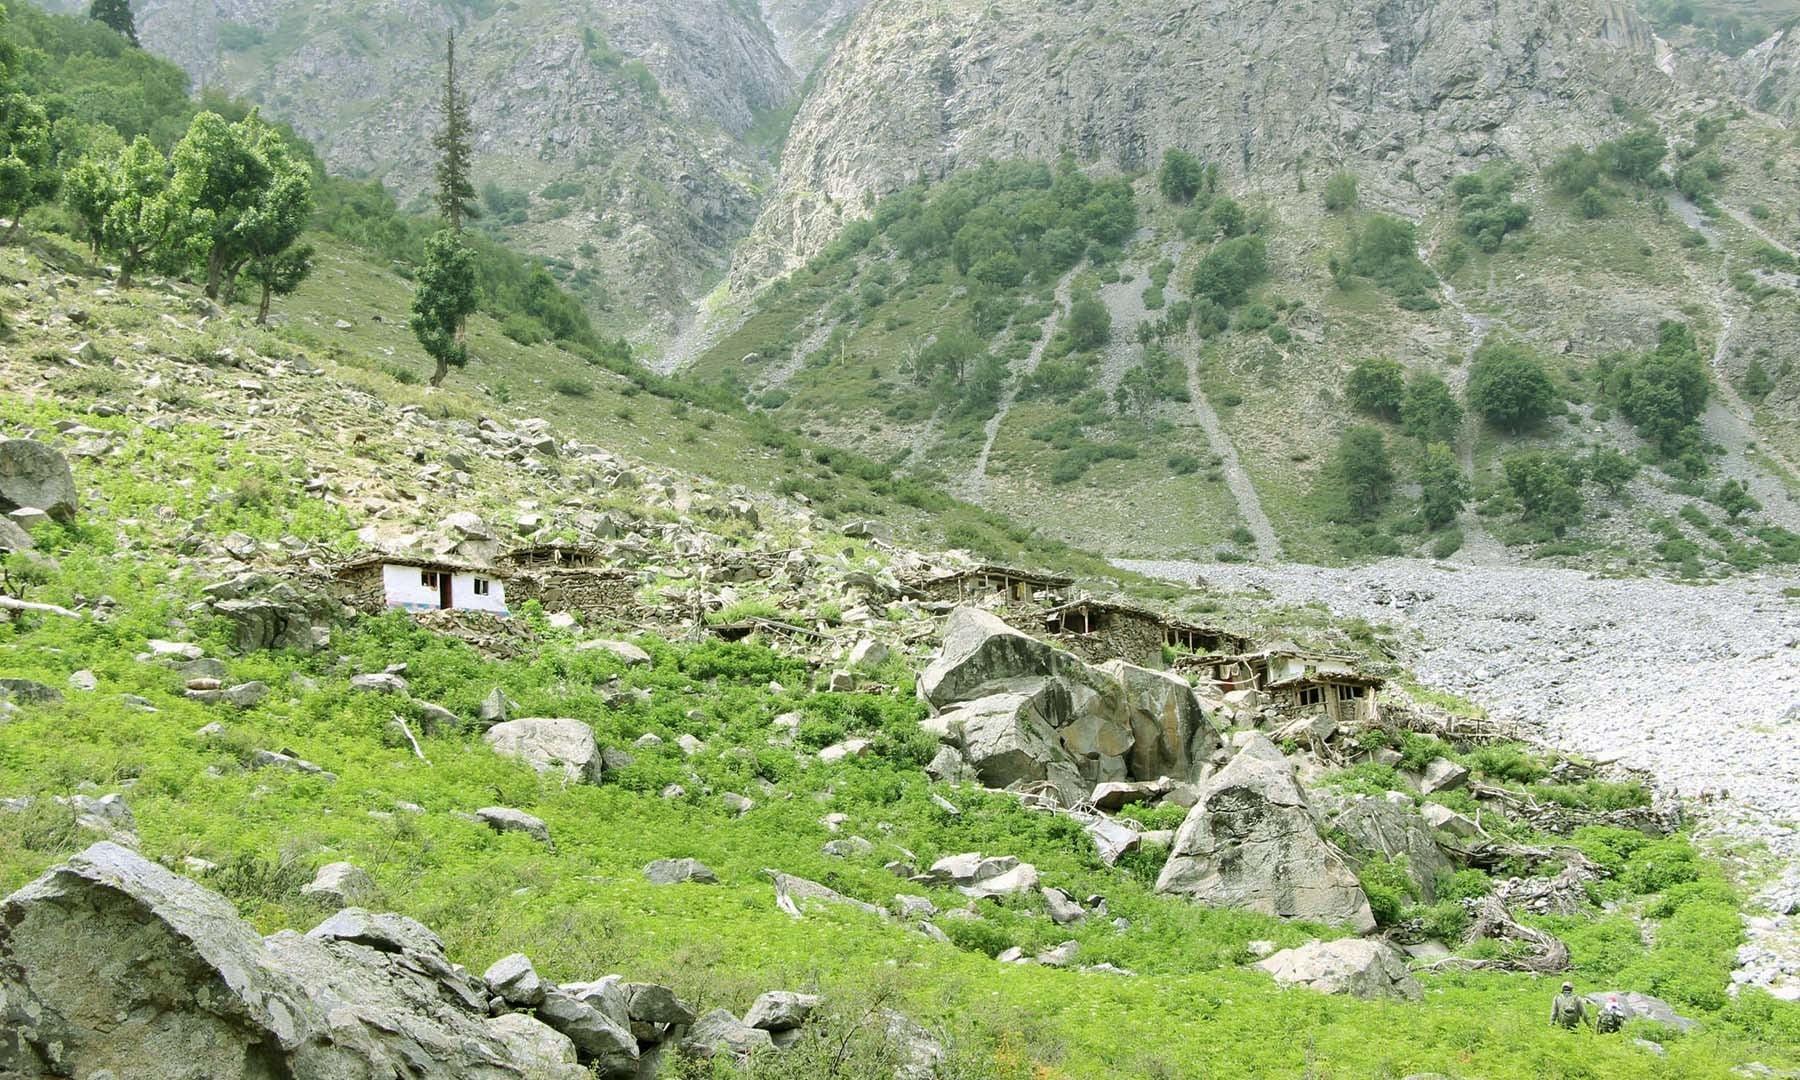 مقامی گڈریے ان گھروں میں رہائش اختیار کرتے ہیں—تصویر امجد علی سحاب